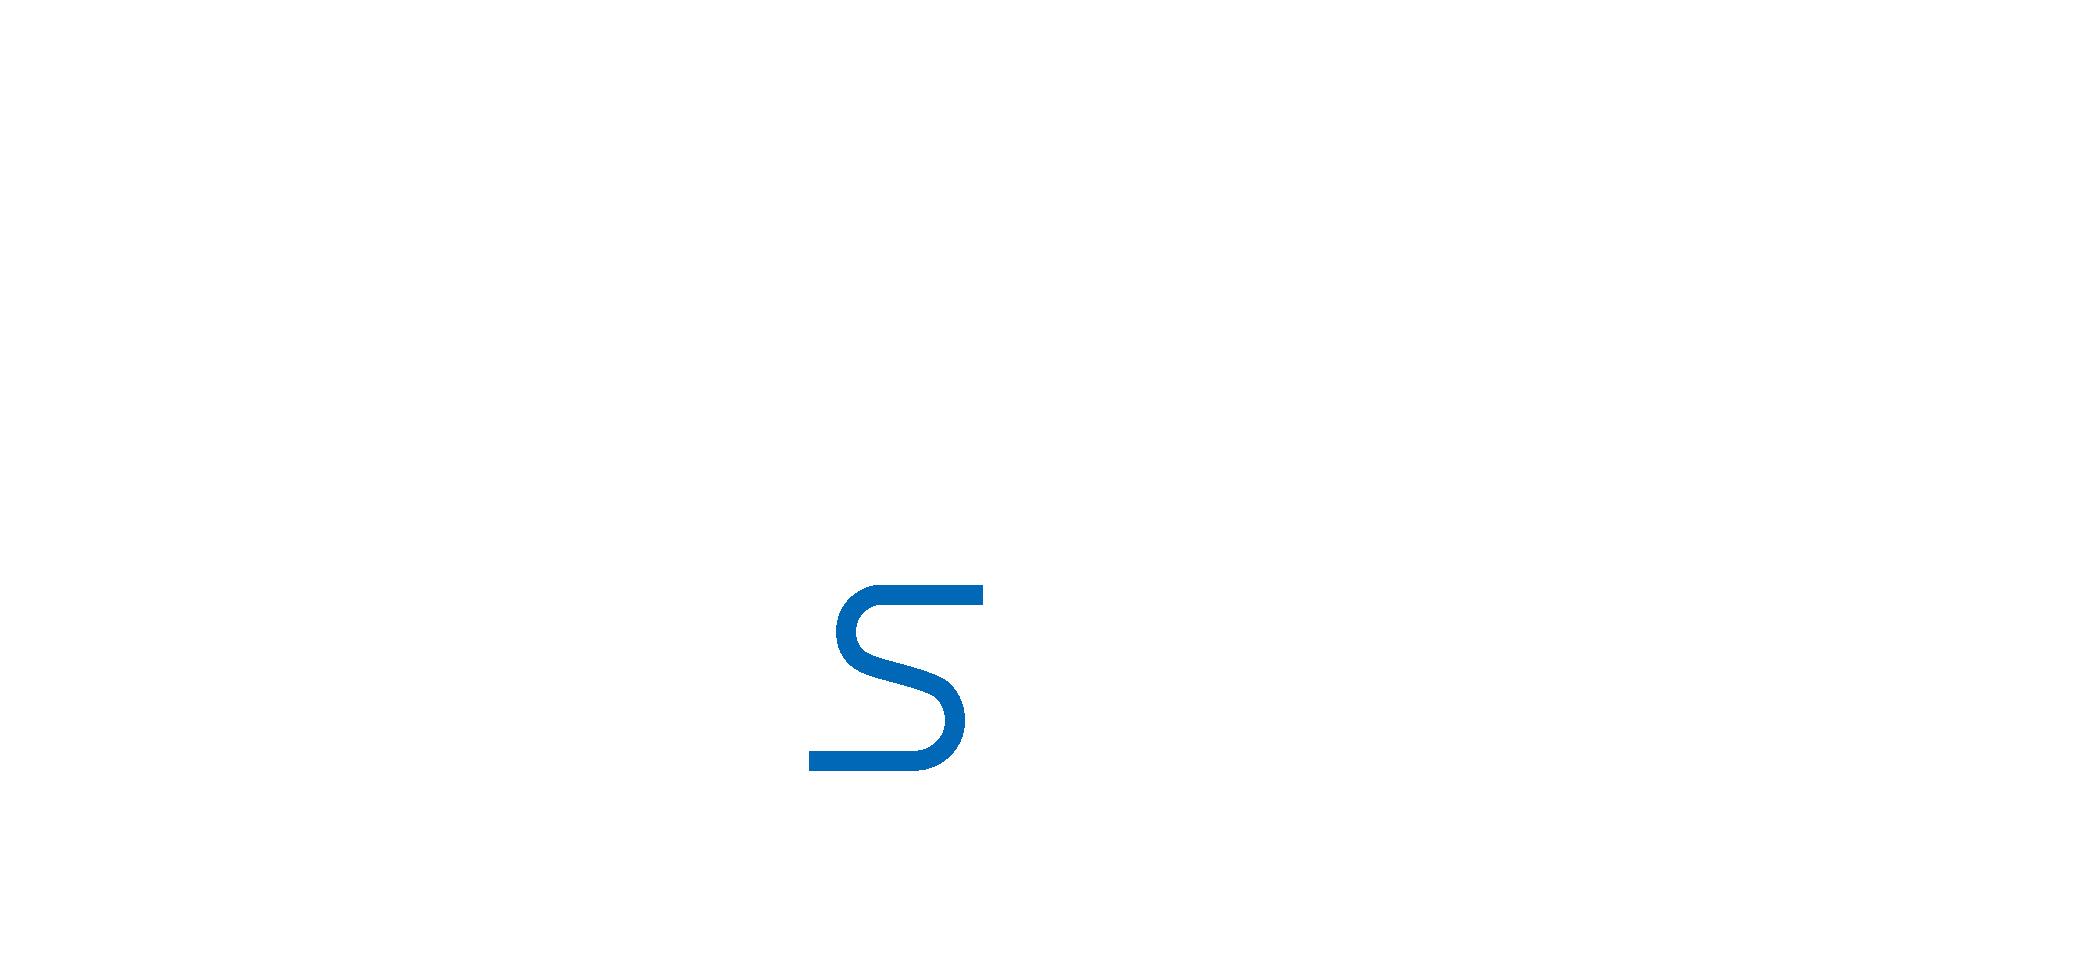 ログリー・インベストメント株式会社